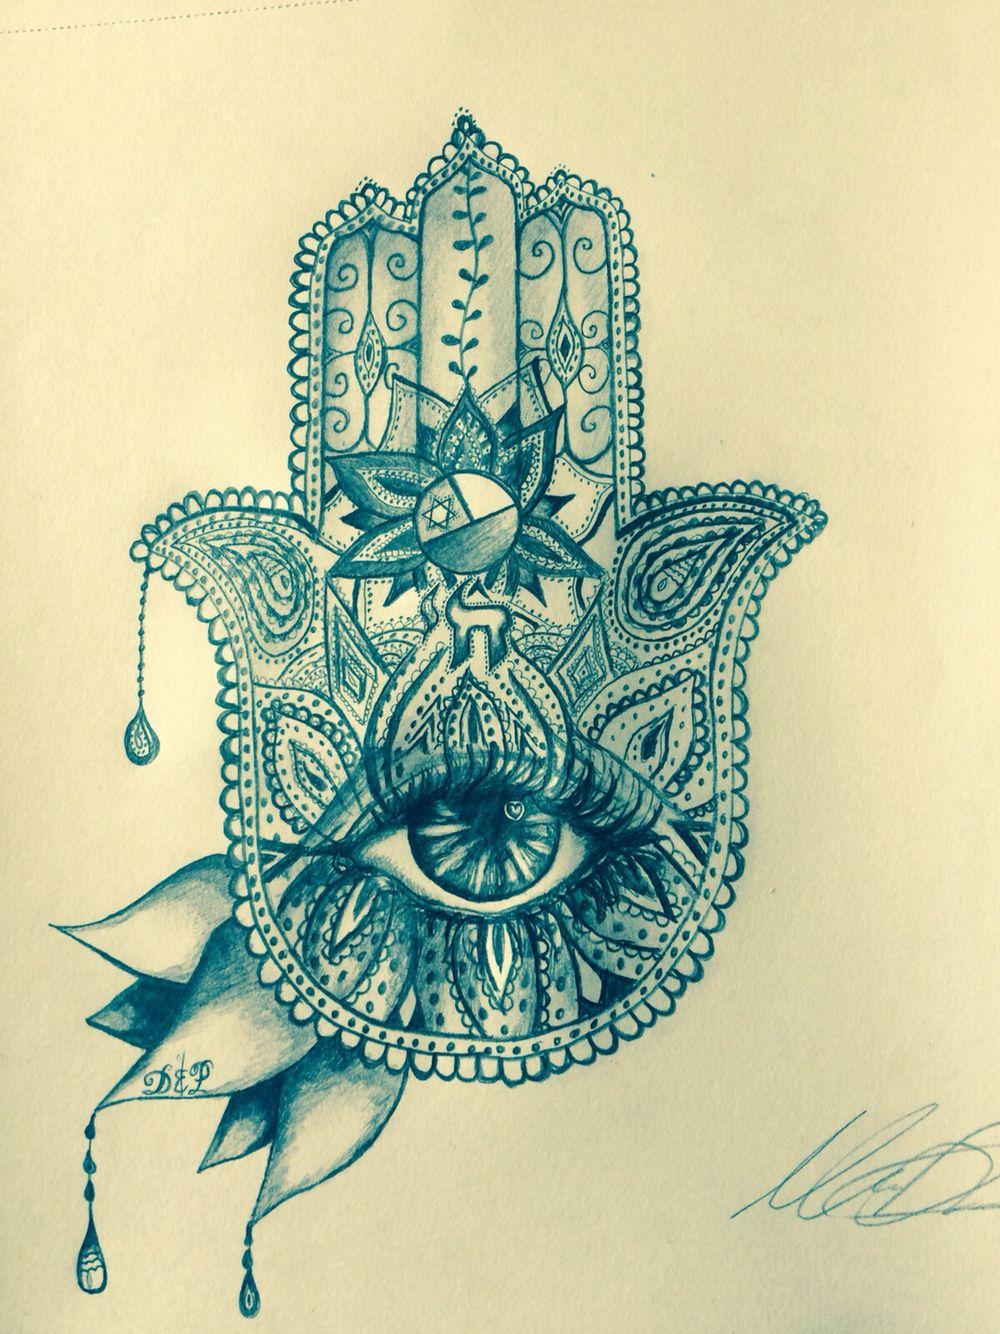 hamsa hamsa drawing tattoo idee pinterest wolf tattoo ideen und ideen. Black Bedroom Furniture Sets. Home Design Ideas